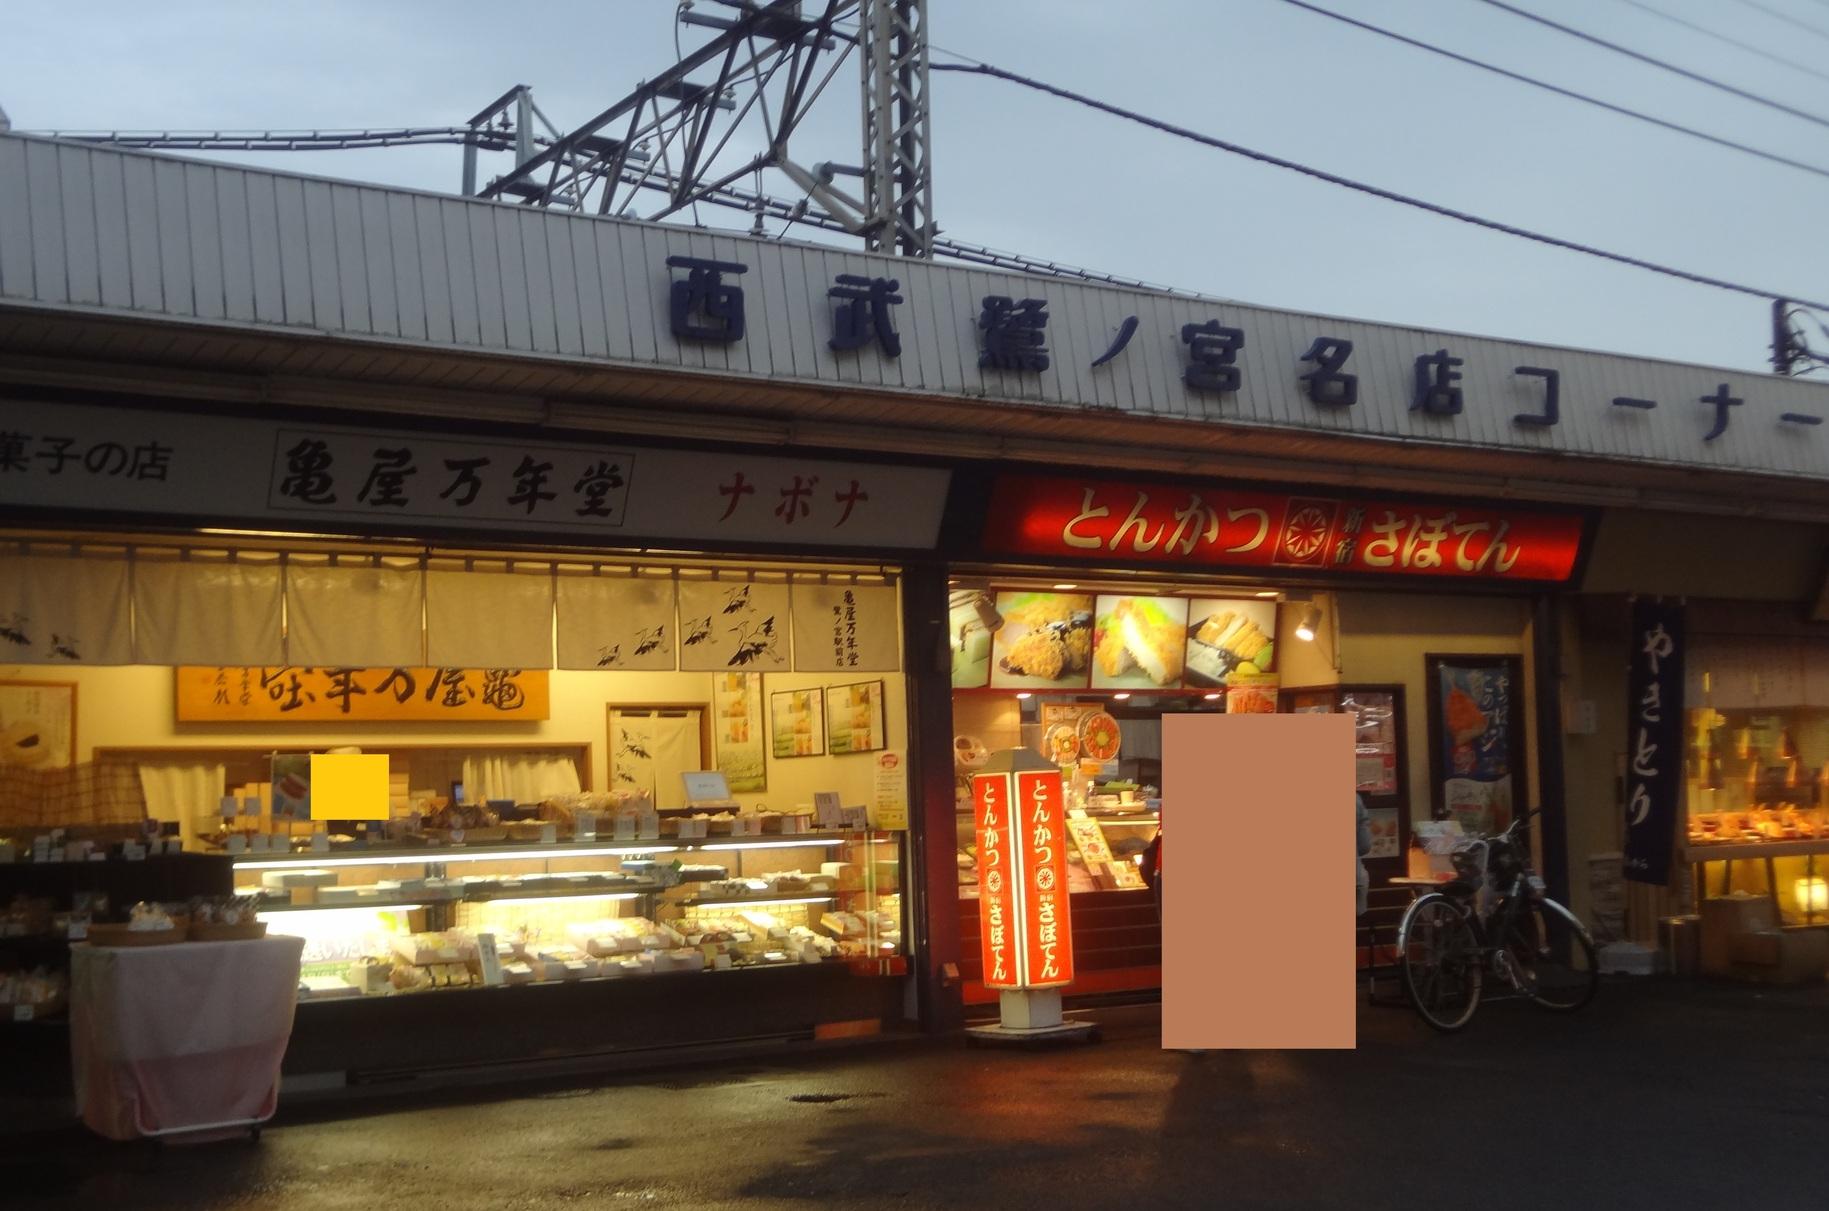 亀屋万年堂 鷺ノ宮駅前店